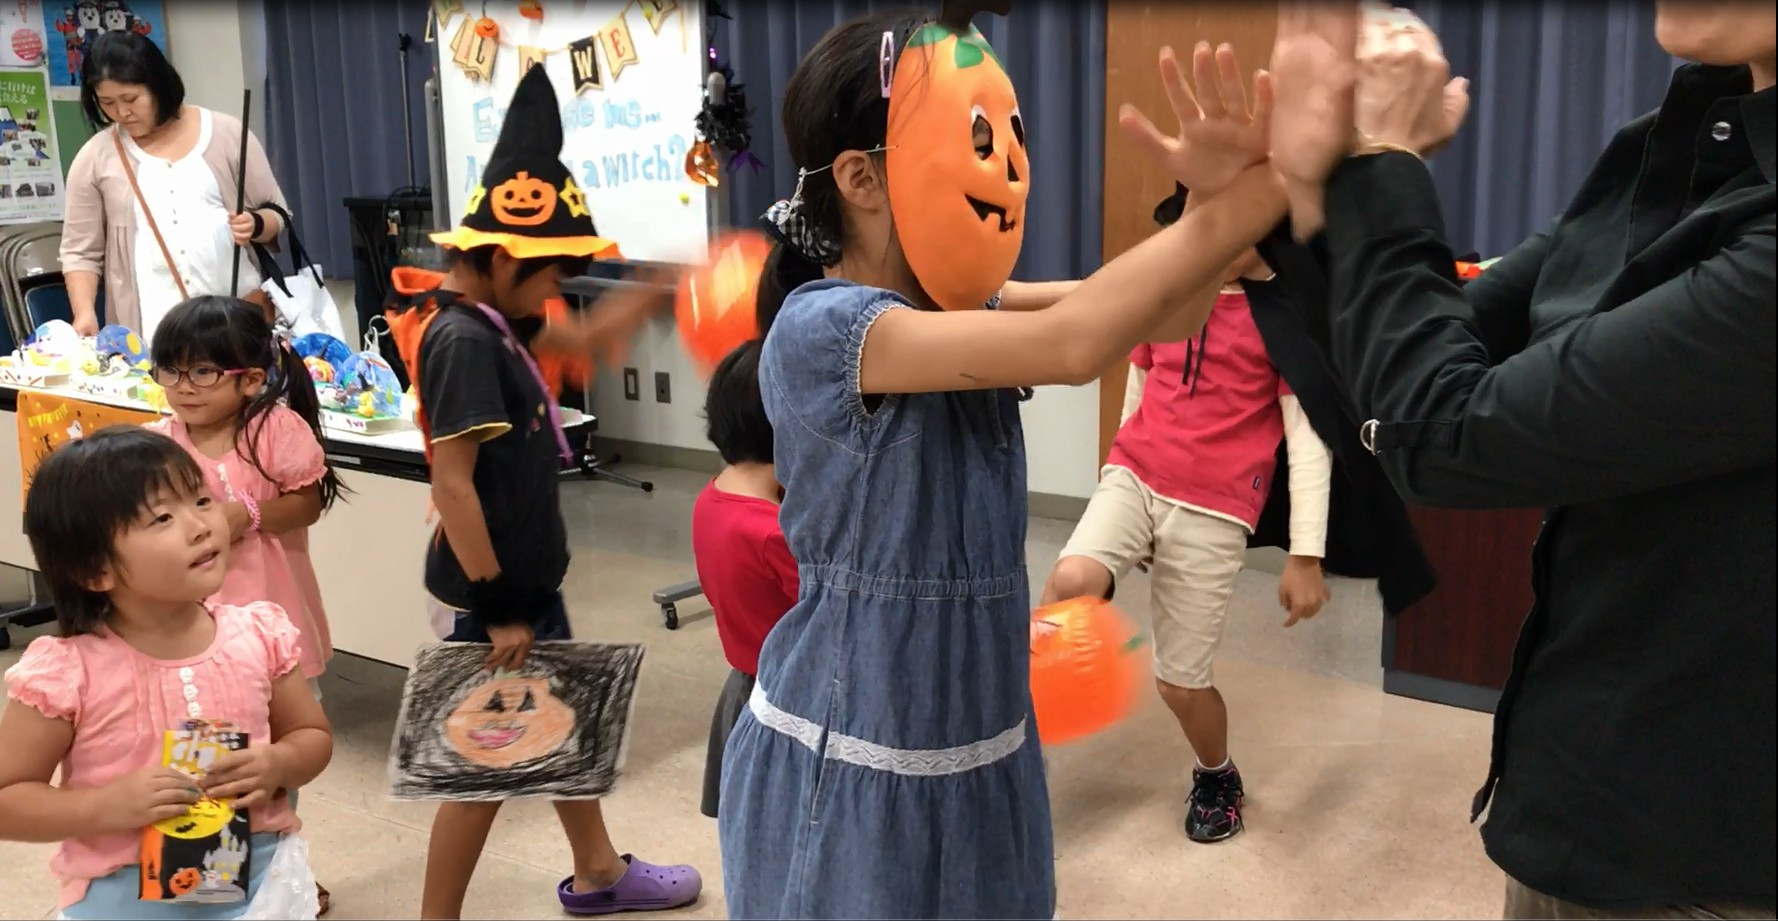 ノリノリ☆Tric or Treatダンス♪